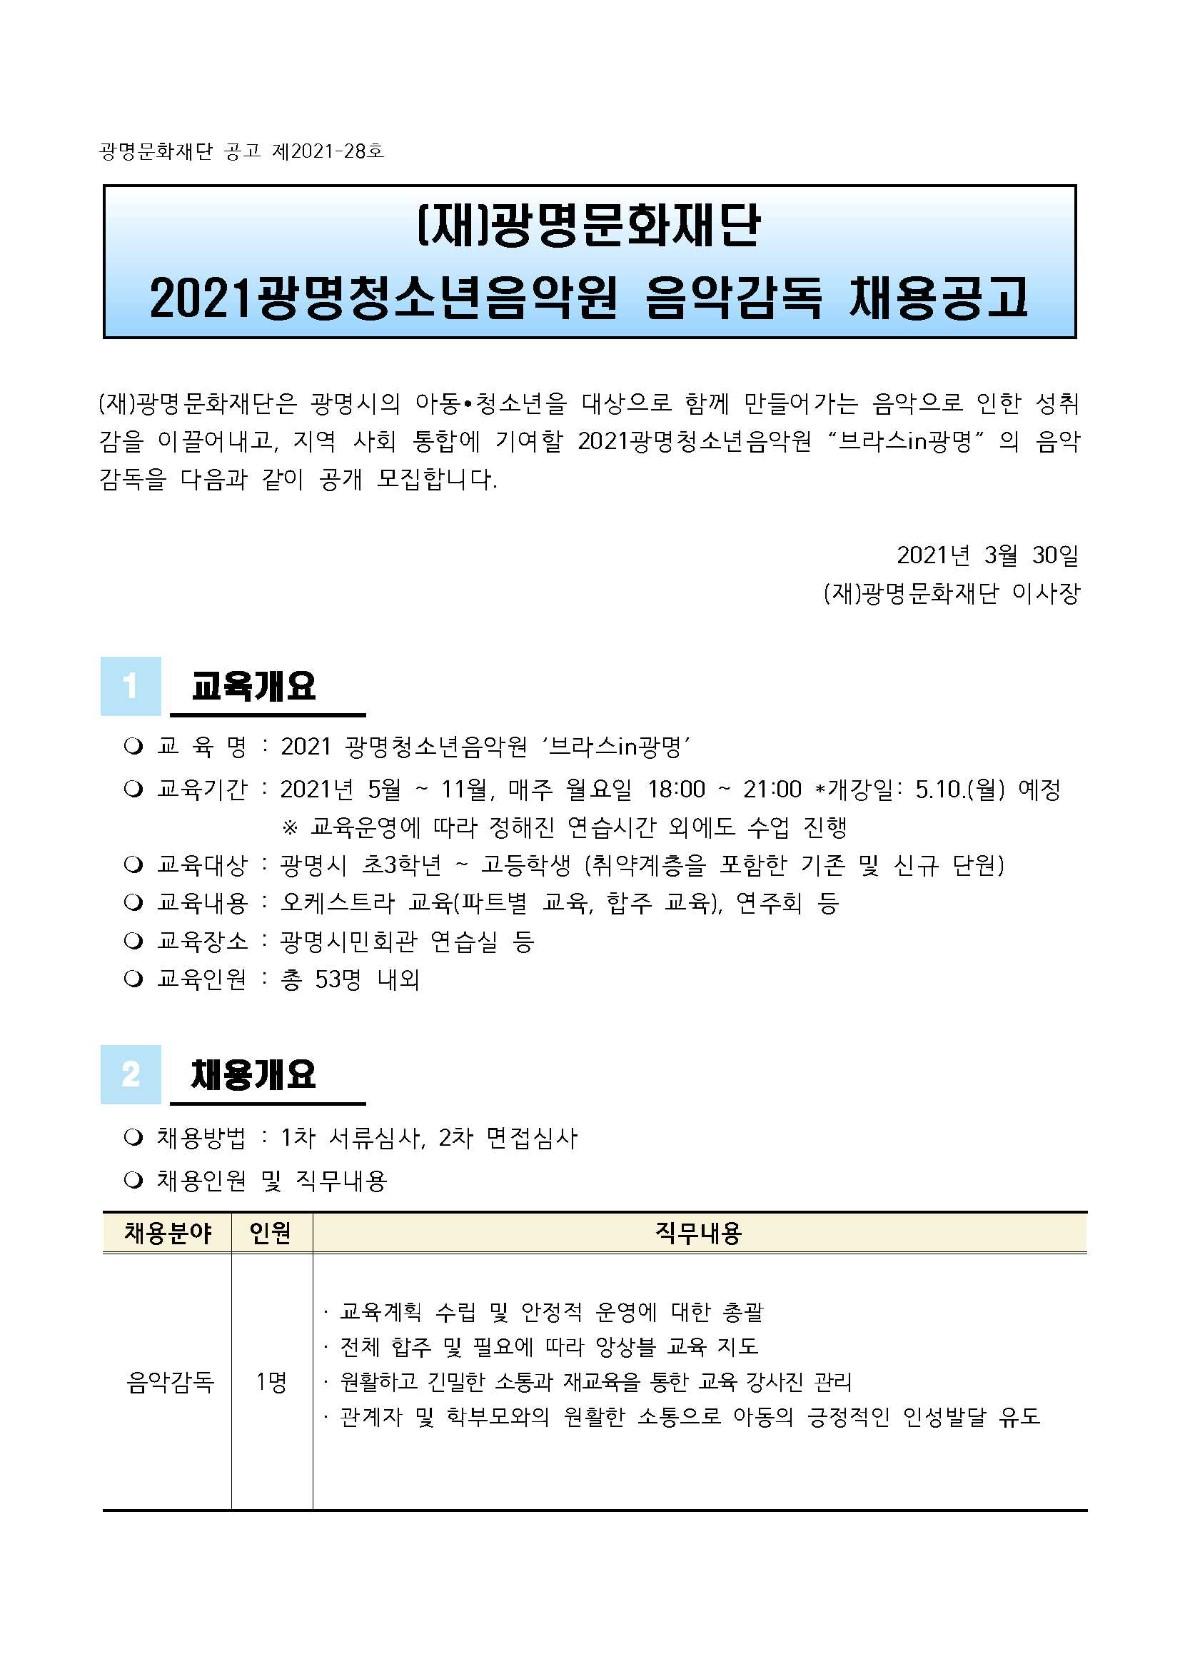 1.[공고문] (재)광명문화재단 2021 광명청소년음악원 음악감독 공개채용 (0330)_1.jpg